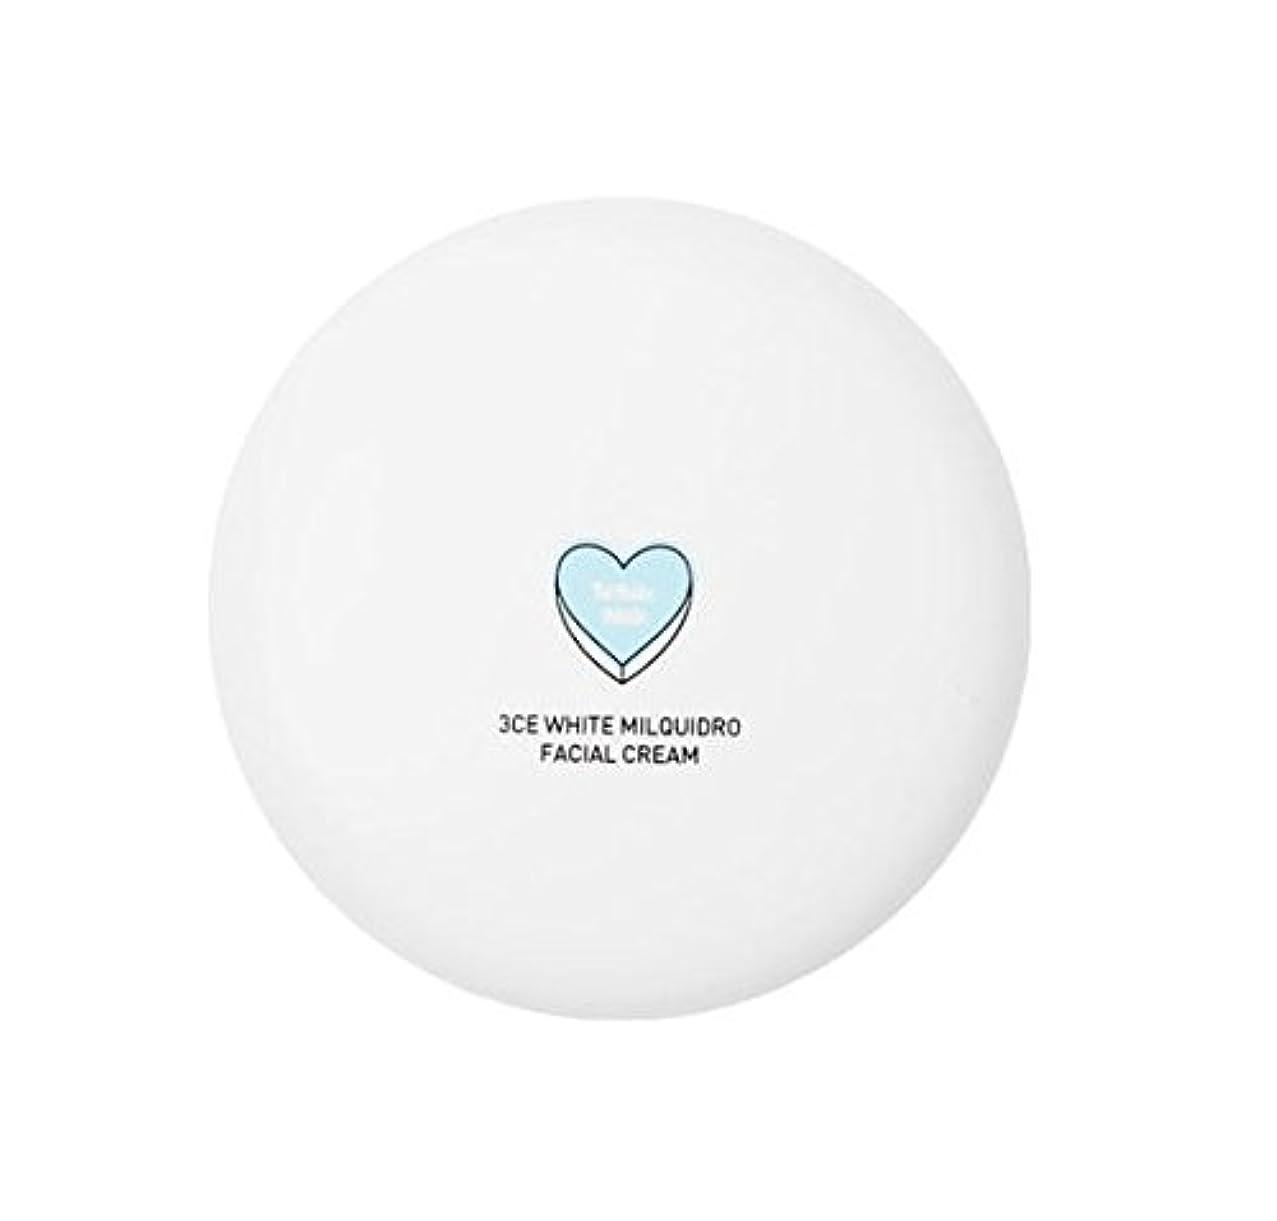 こどもの宮殿コモランマウェブ3CE WHITE MILQUIDRO FACIAL CREAM 50ml / 3CE ホワイトミルクウィドローフェイシャルクリーム [並行輸入品]